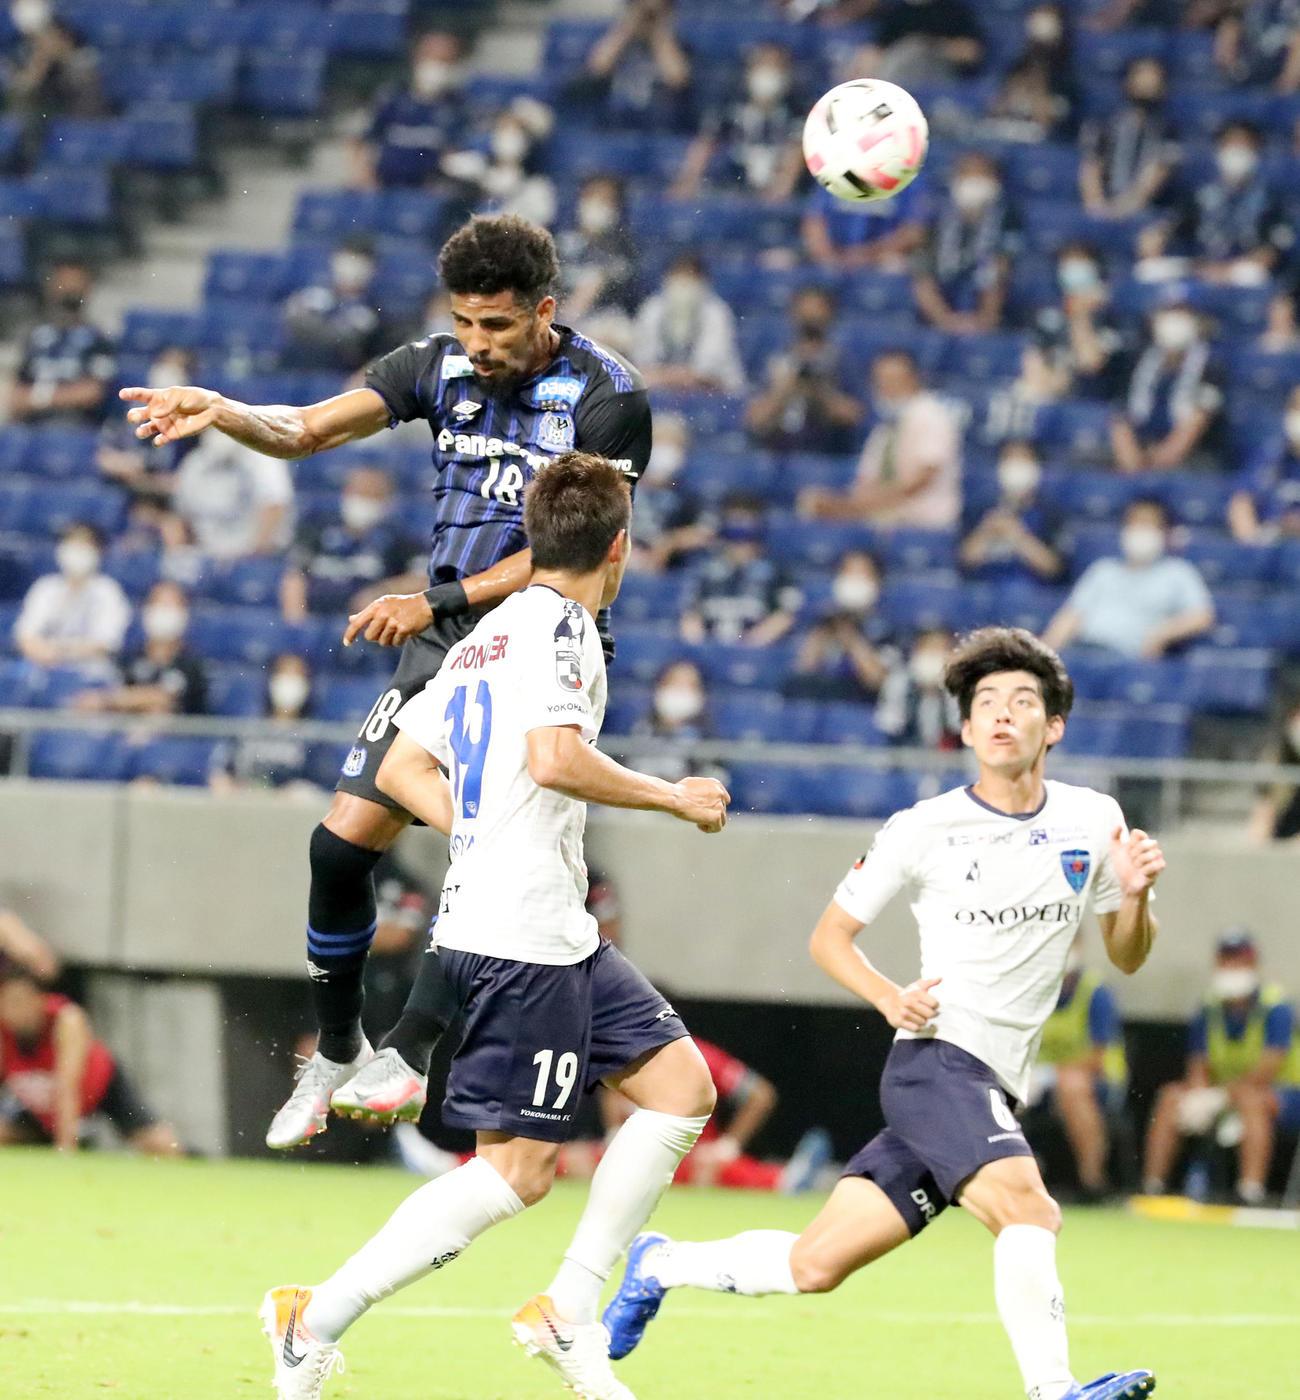 G大阪対横浜FC 後半、FW宇佐美からのセンタリングに頭で合わせゴールを決めたかと思われたG大阪FWパトリックだったが、オフサイドで得点ならず(撮影・加藤哉)